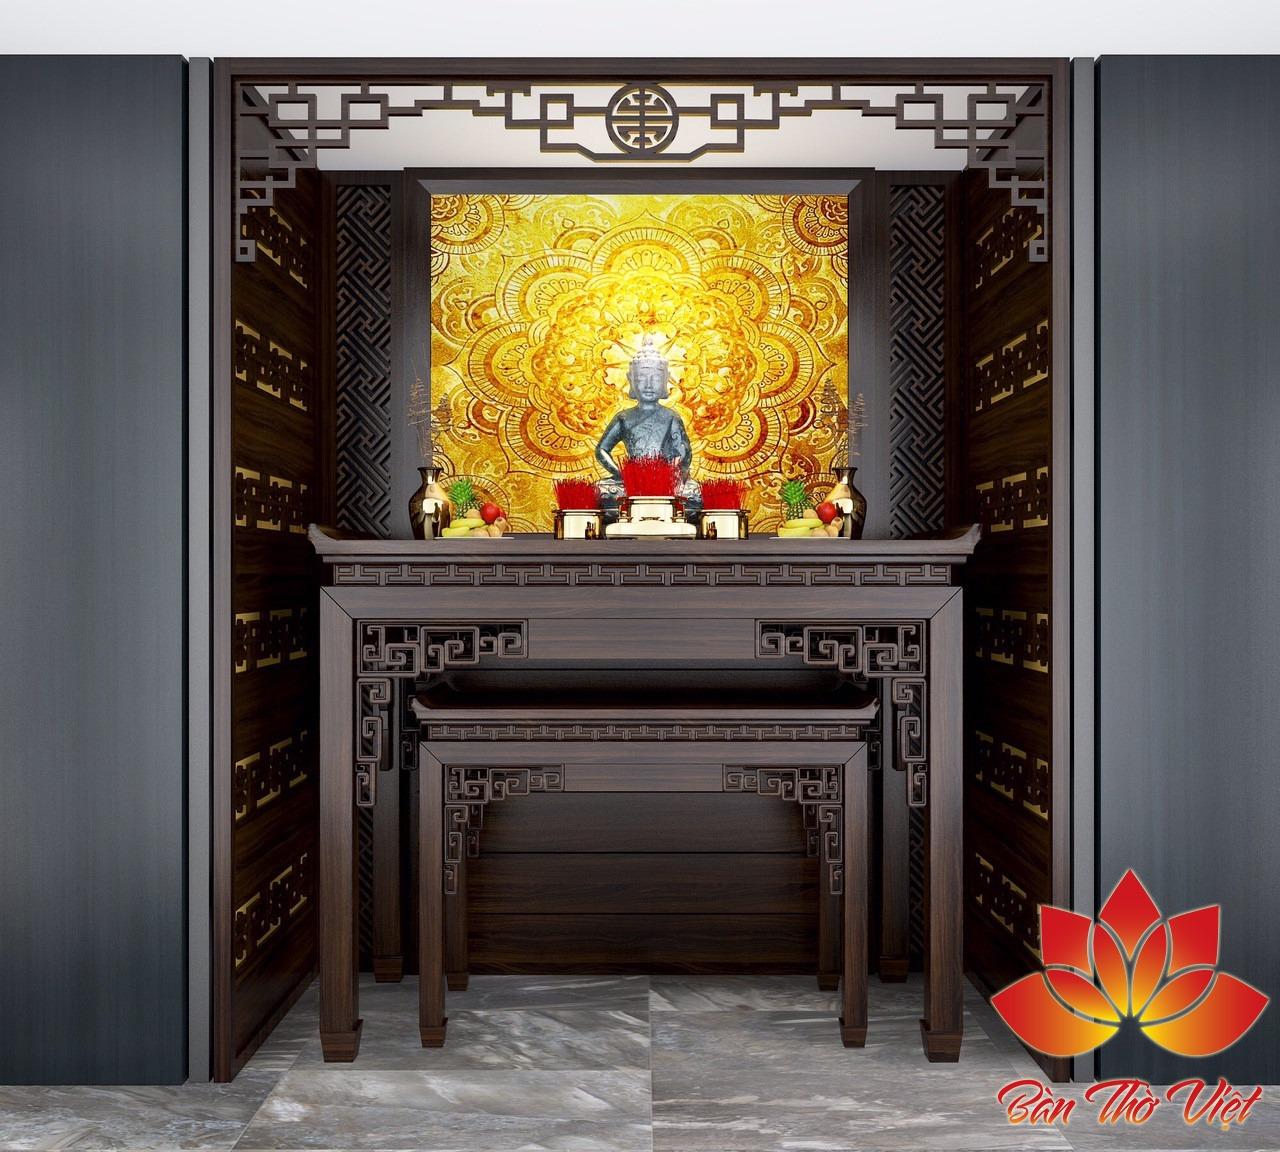 Cách trang trí phòng thờ đẹp và hợp phong thủy - Bạn NÊN biết 2